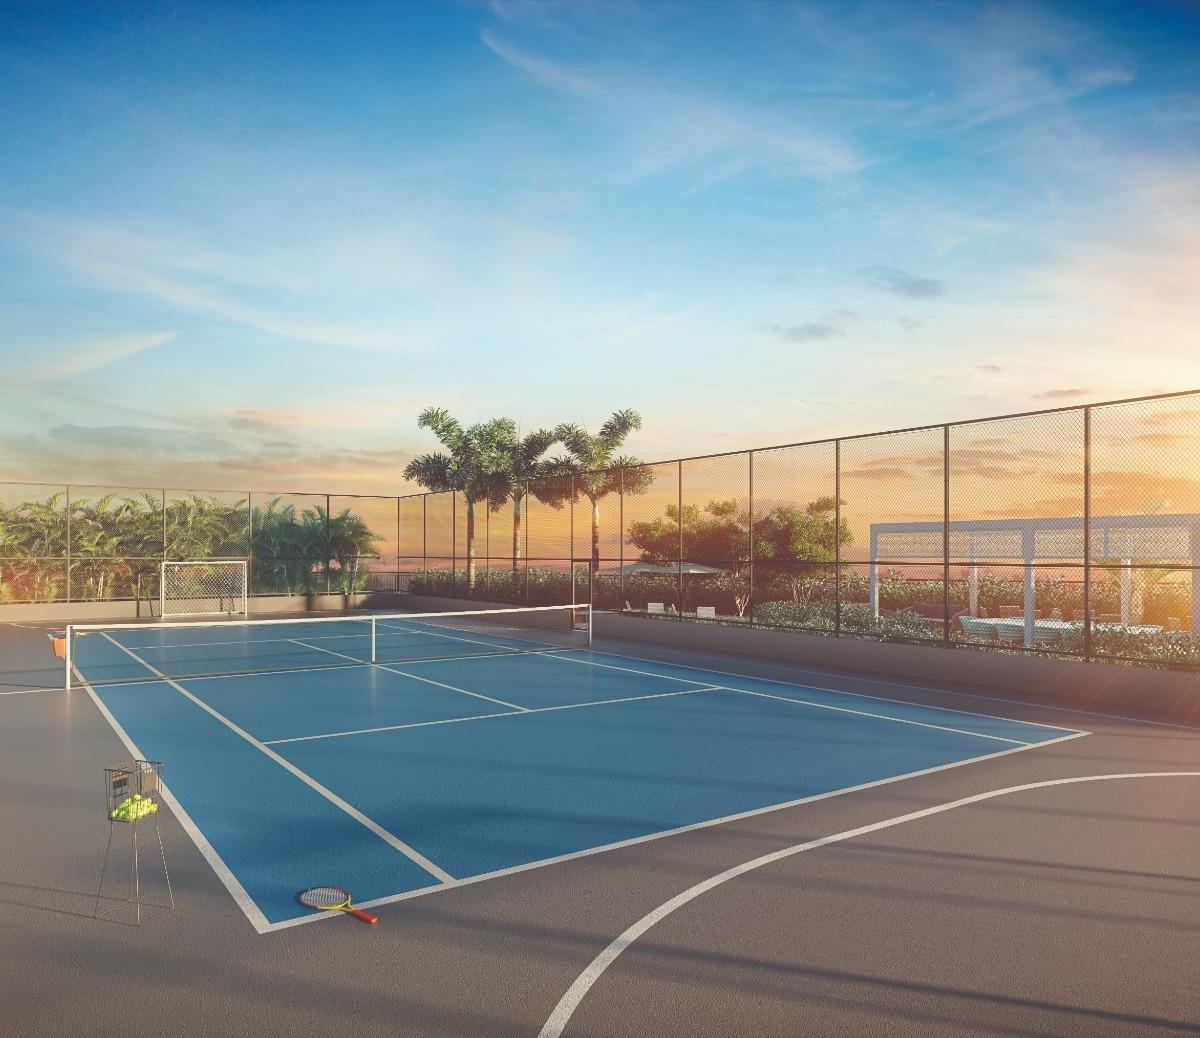 Perspectiva Ilustrada da Quadra de Tenis